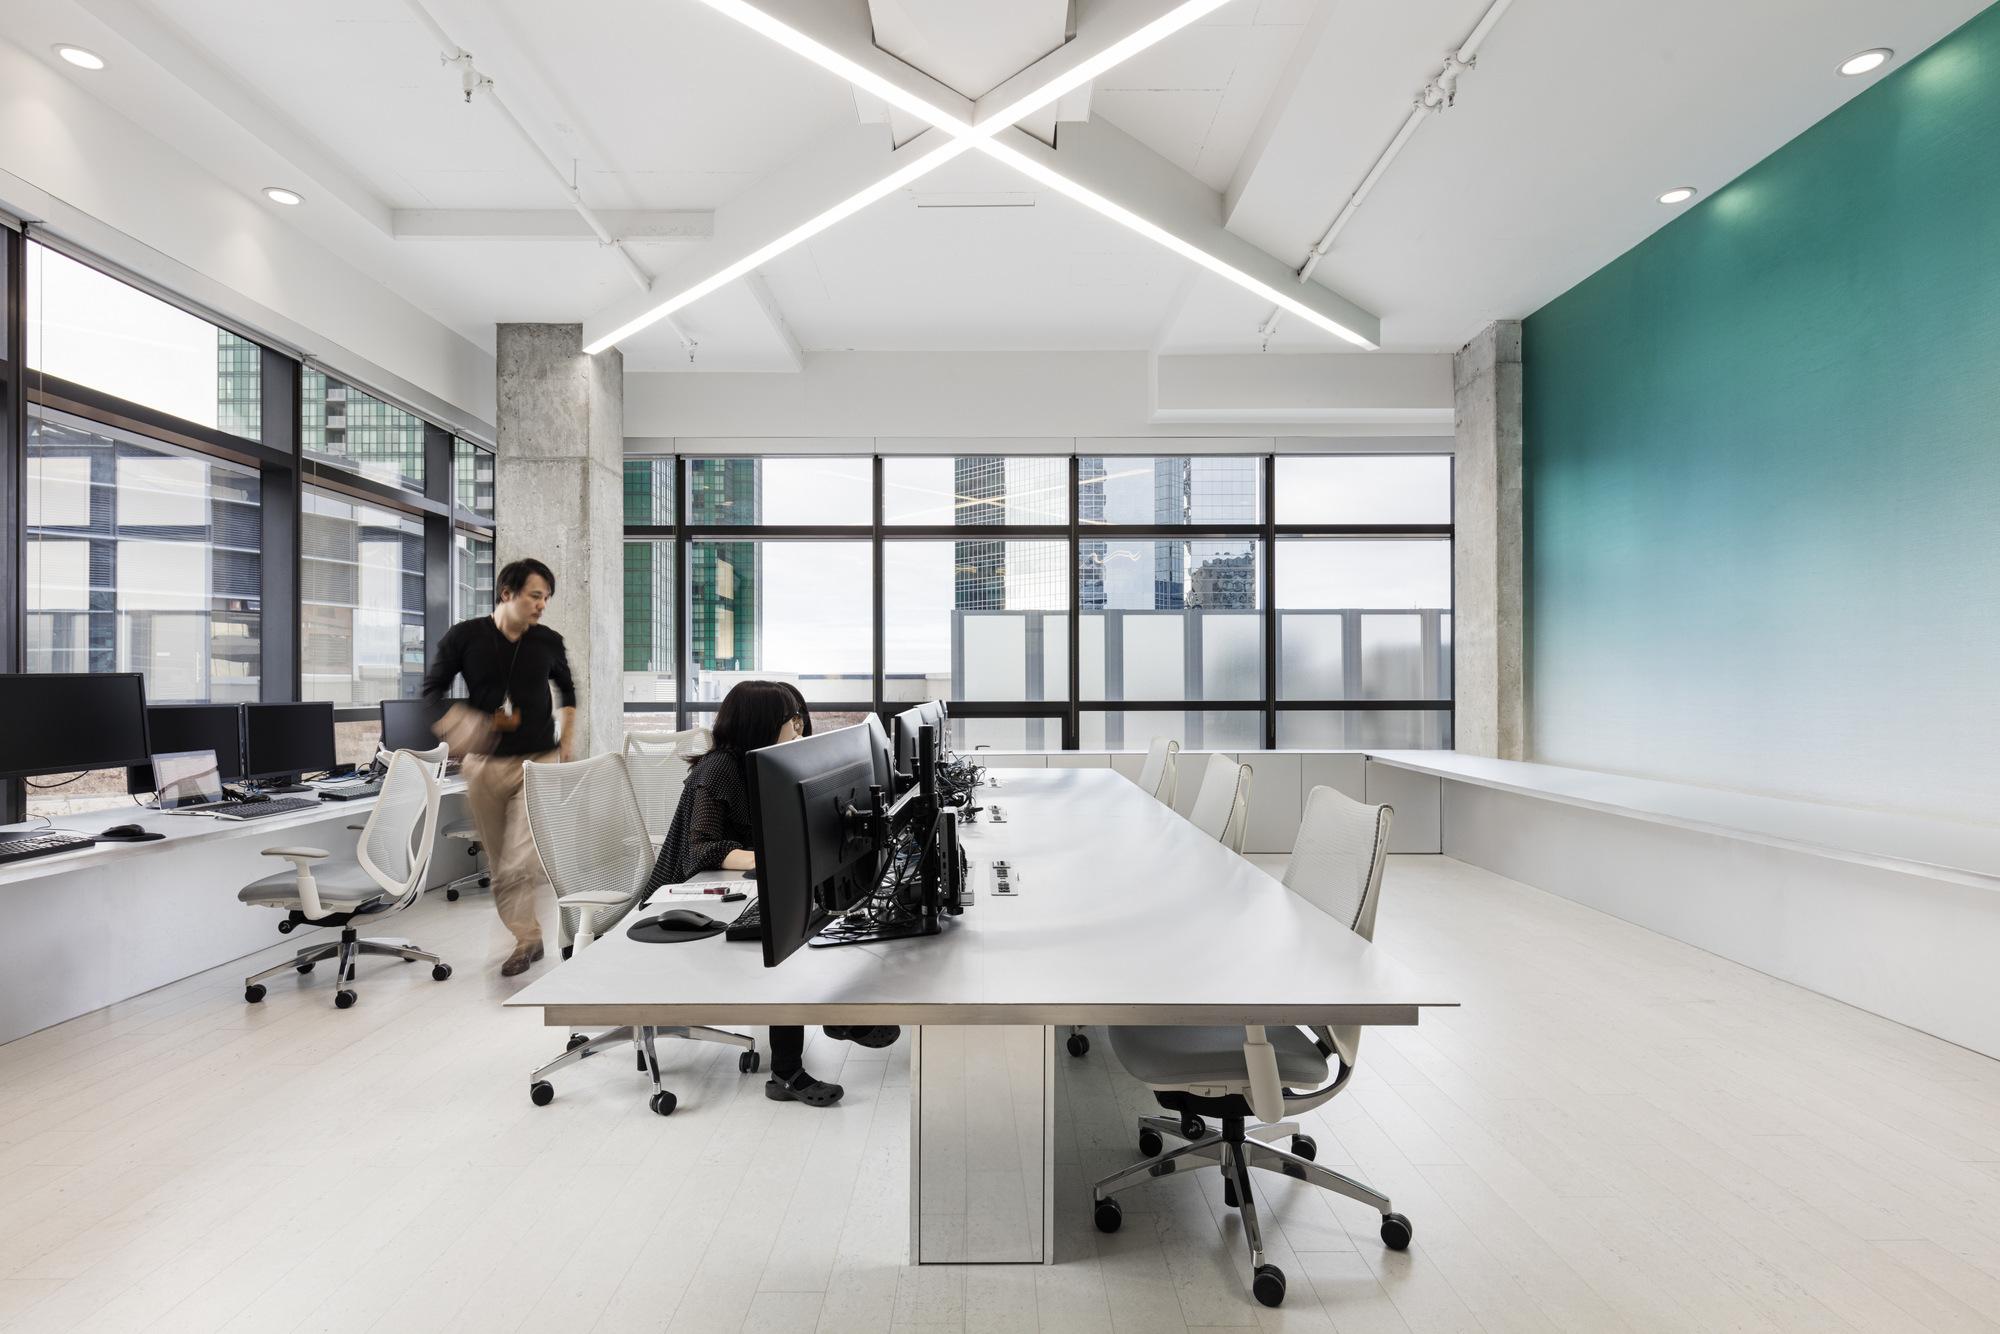 简约办公室装修 - 9.jpg